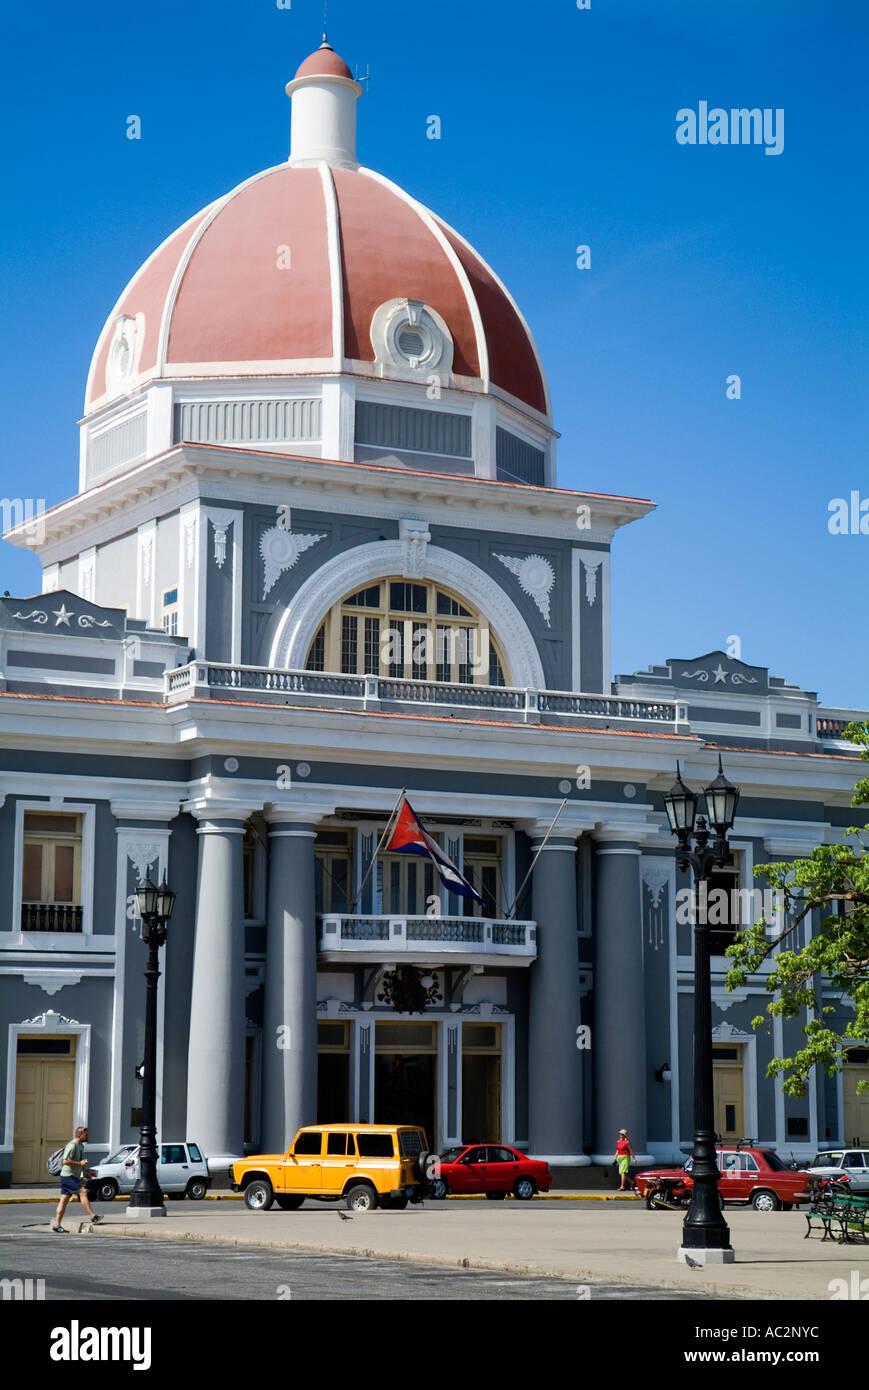 Government building of Palacio de Gobierno on Parque Jose Marti, Cienfuegos, Cuba. - Stock Image